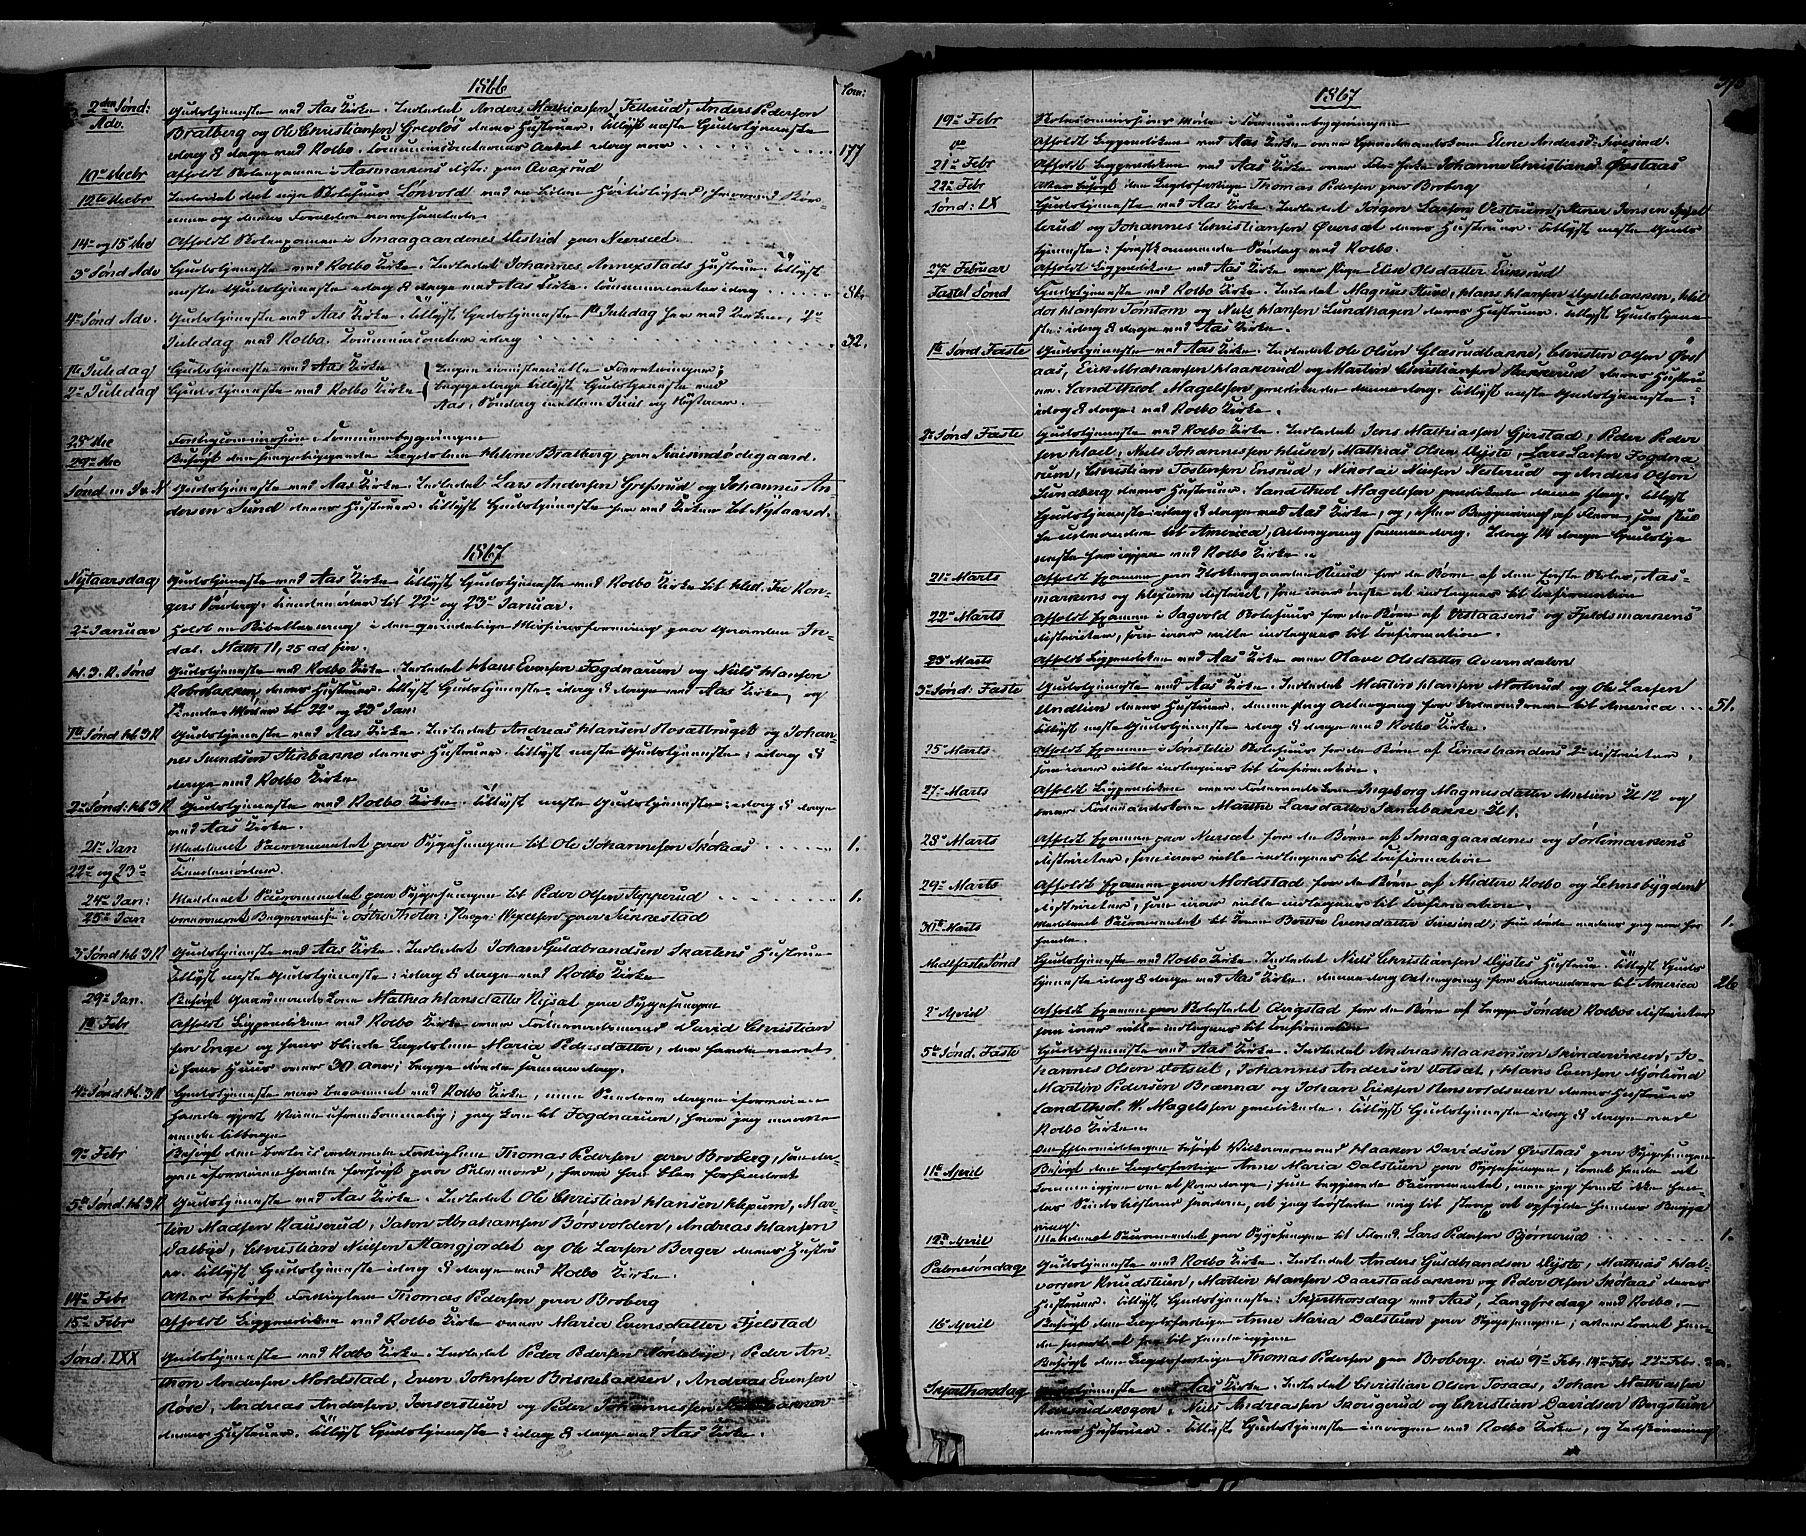 SAH, Vestre Toten prestekontor, Ministerialbok nr. 7, 1862-1869, s. 375